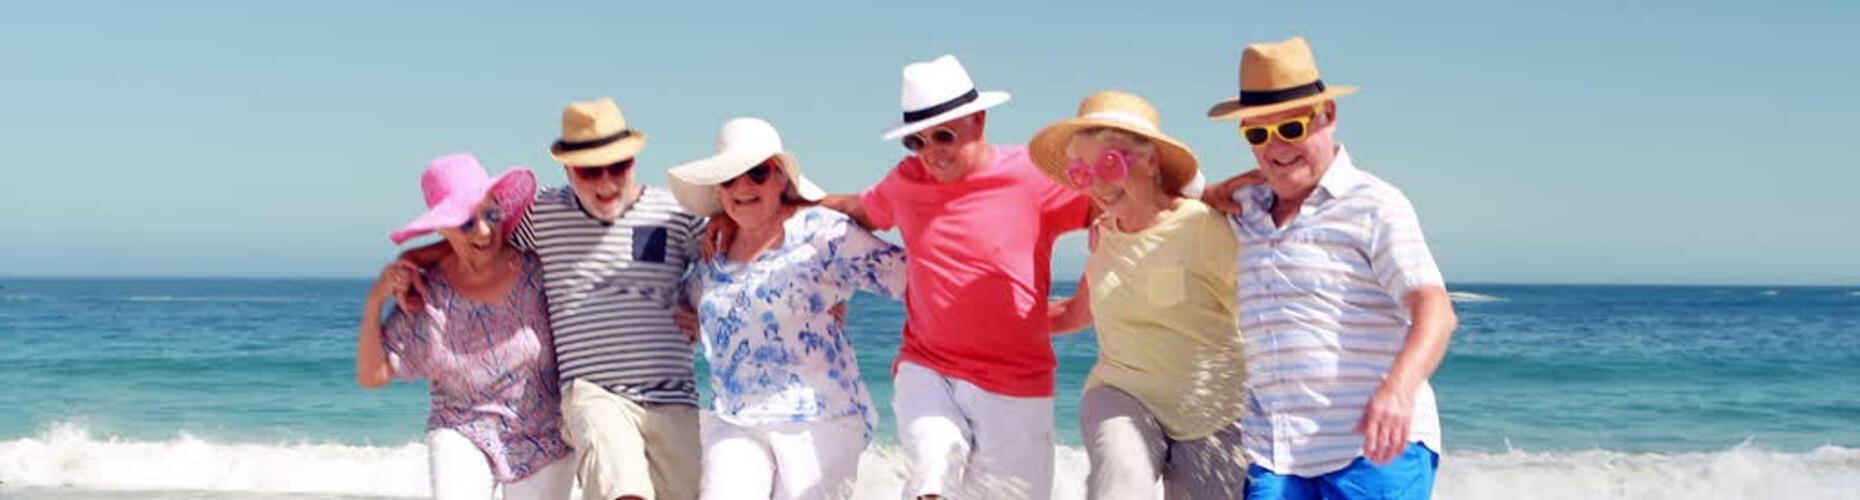 Hai più di 65 anni? Goditi il mare con la nostra promo!